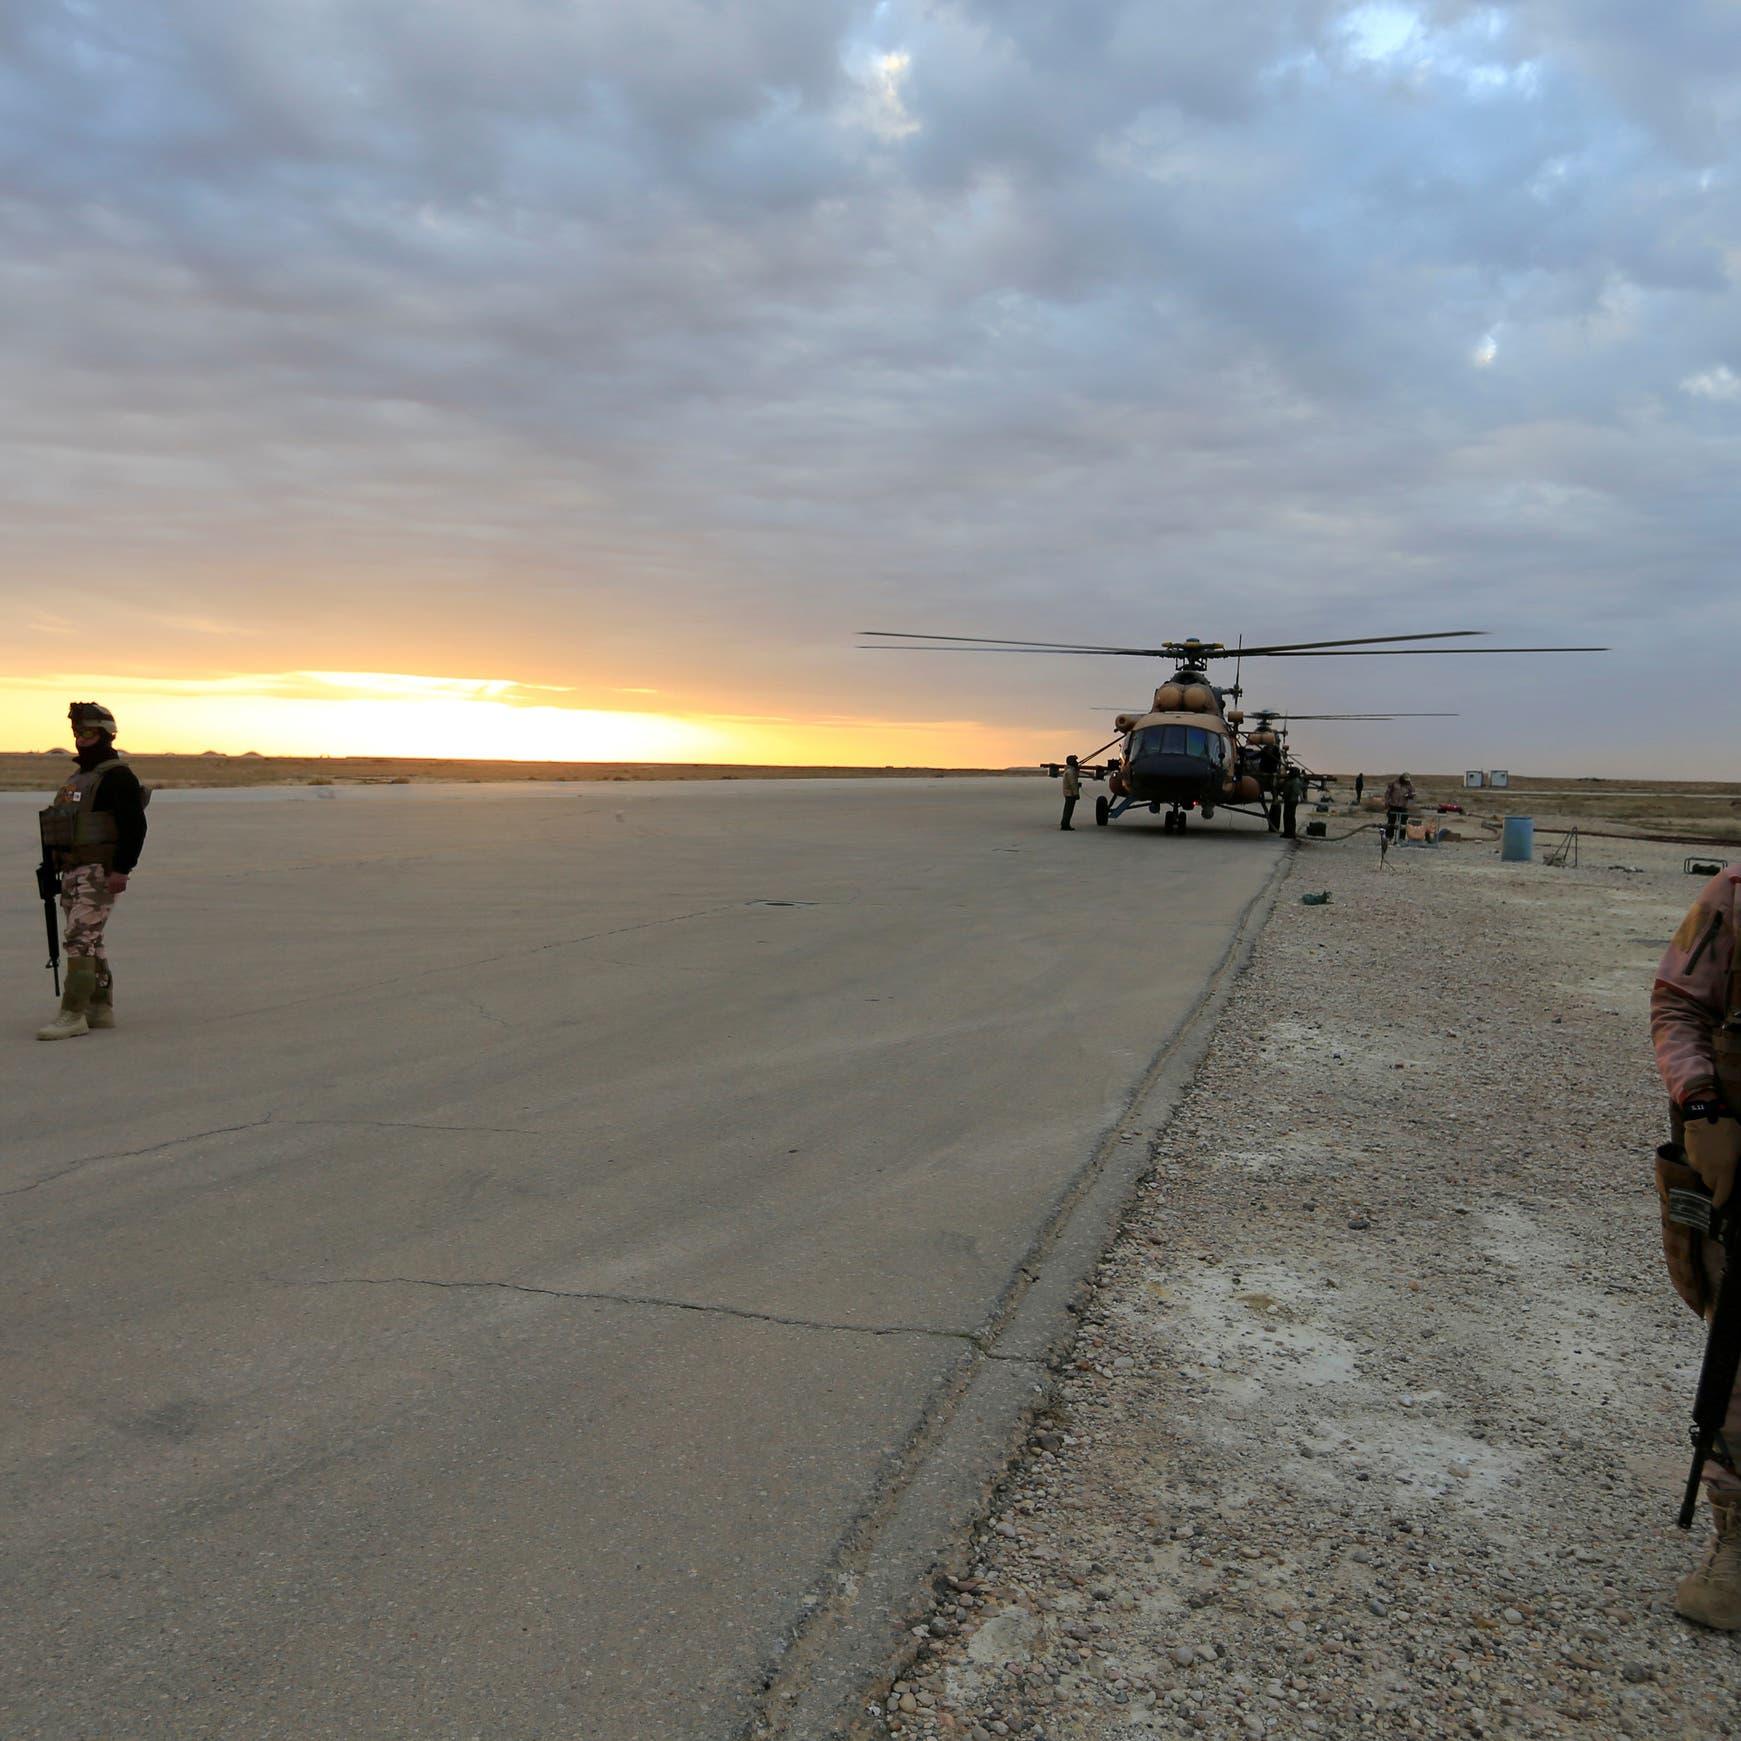 بغداد..اتفاق على خفض القوات الأميركية بعين الأسد وأربيل